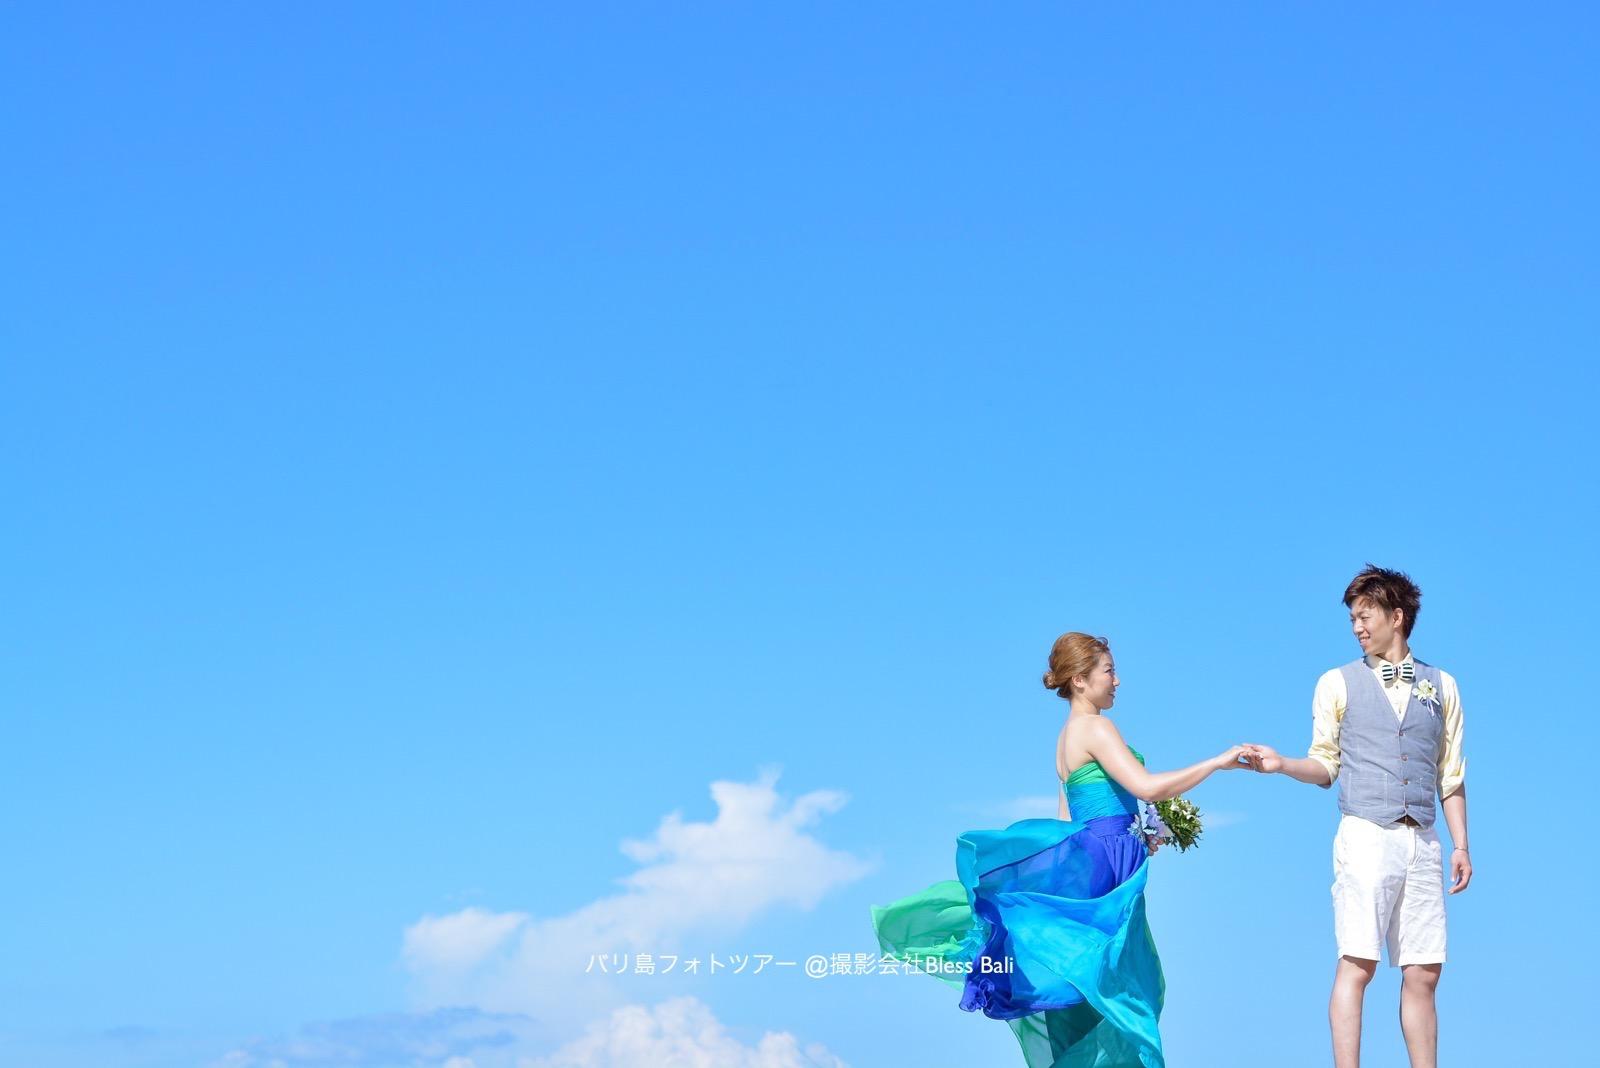 鮮やかなグリーンxブルーのドレスが素敵なR様